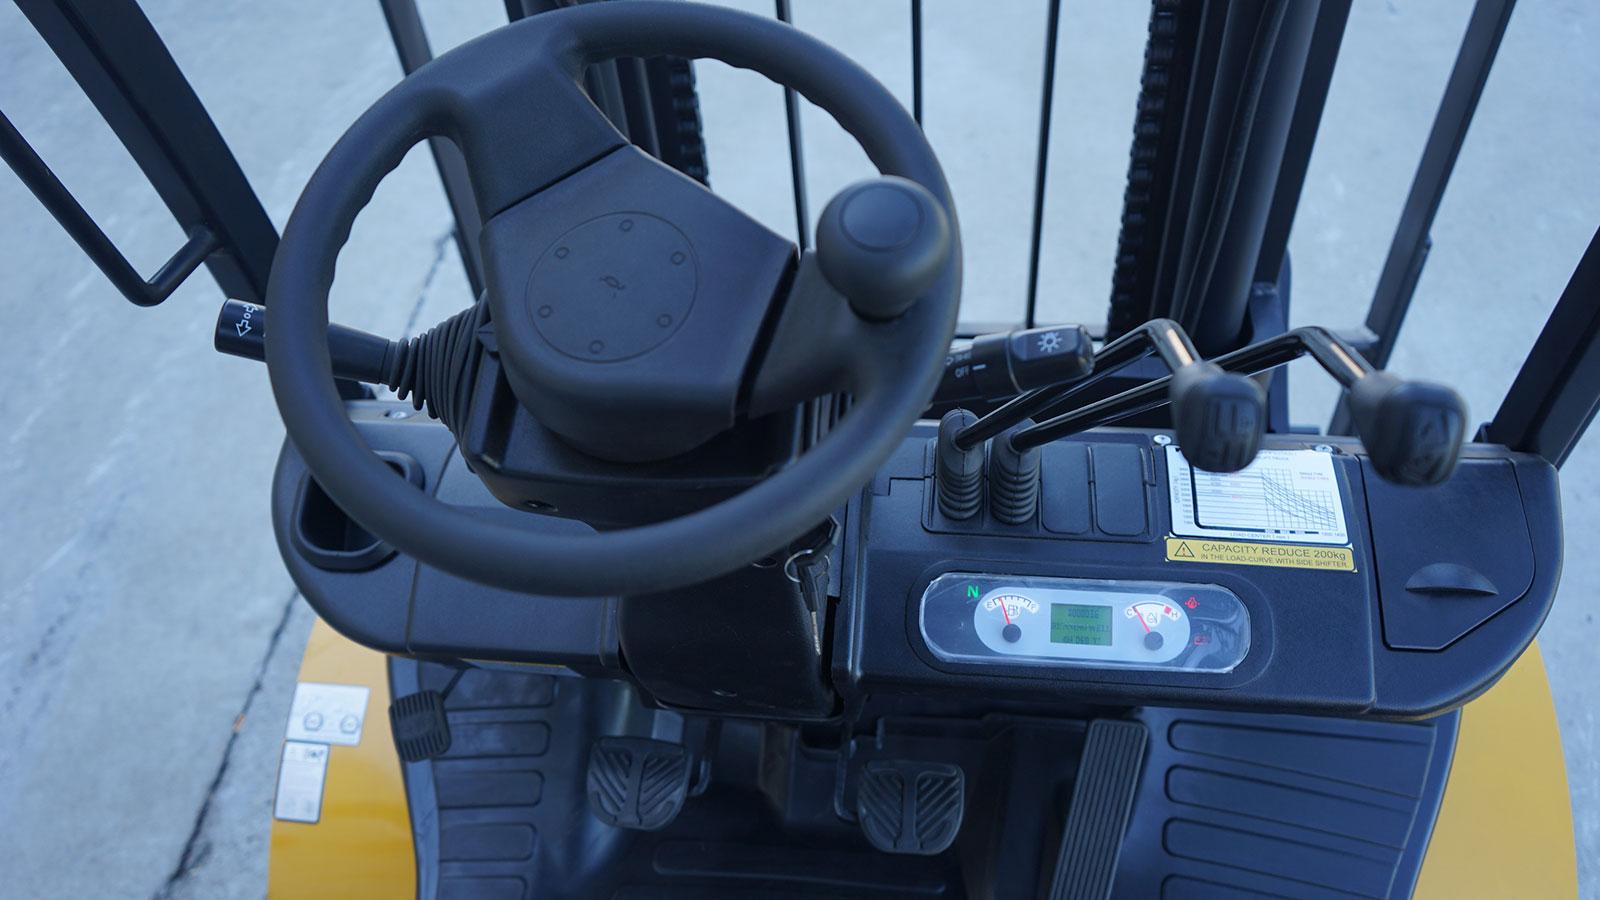 vô lăng xe nâng dầu mga forklift 5.0 tấn